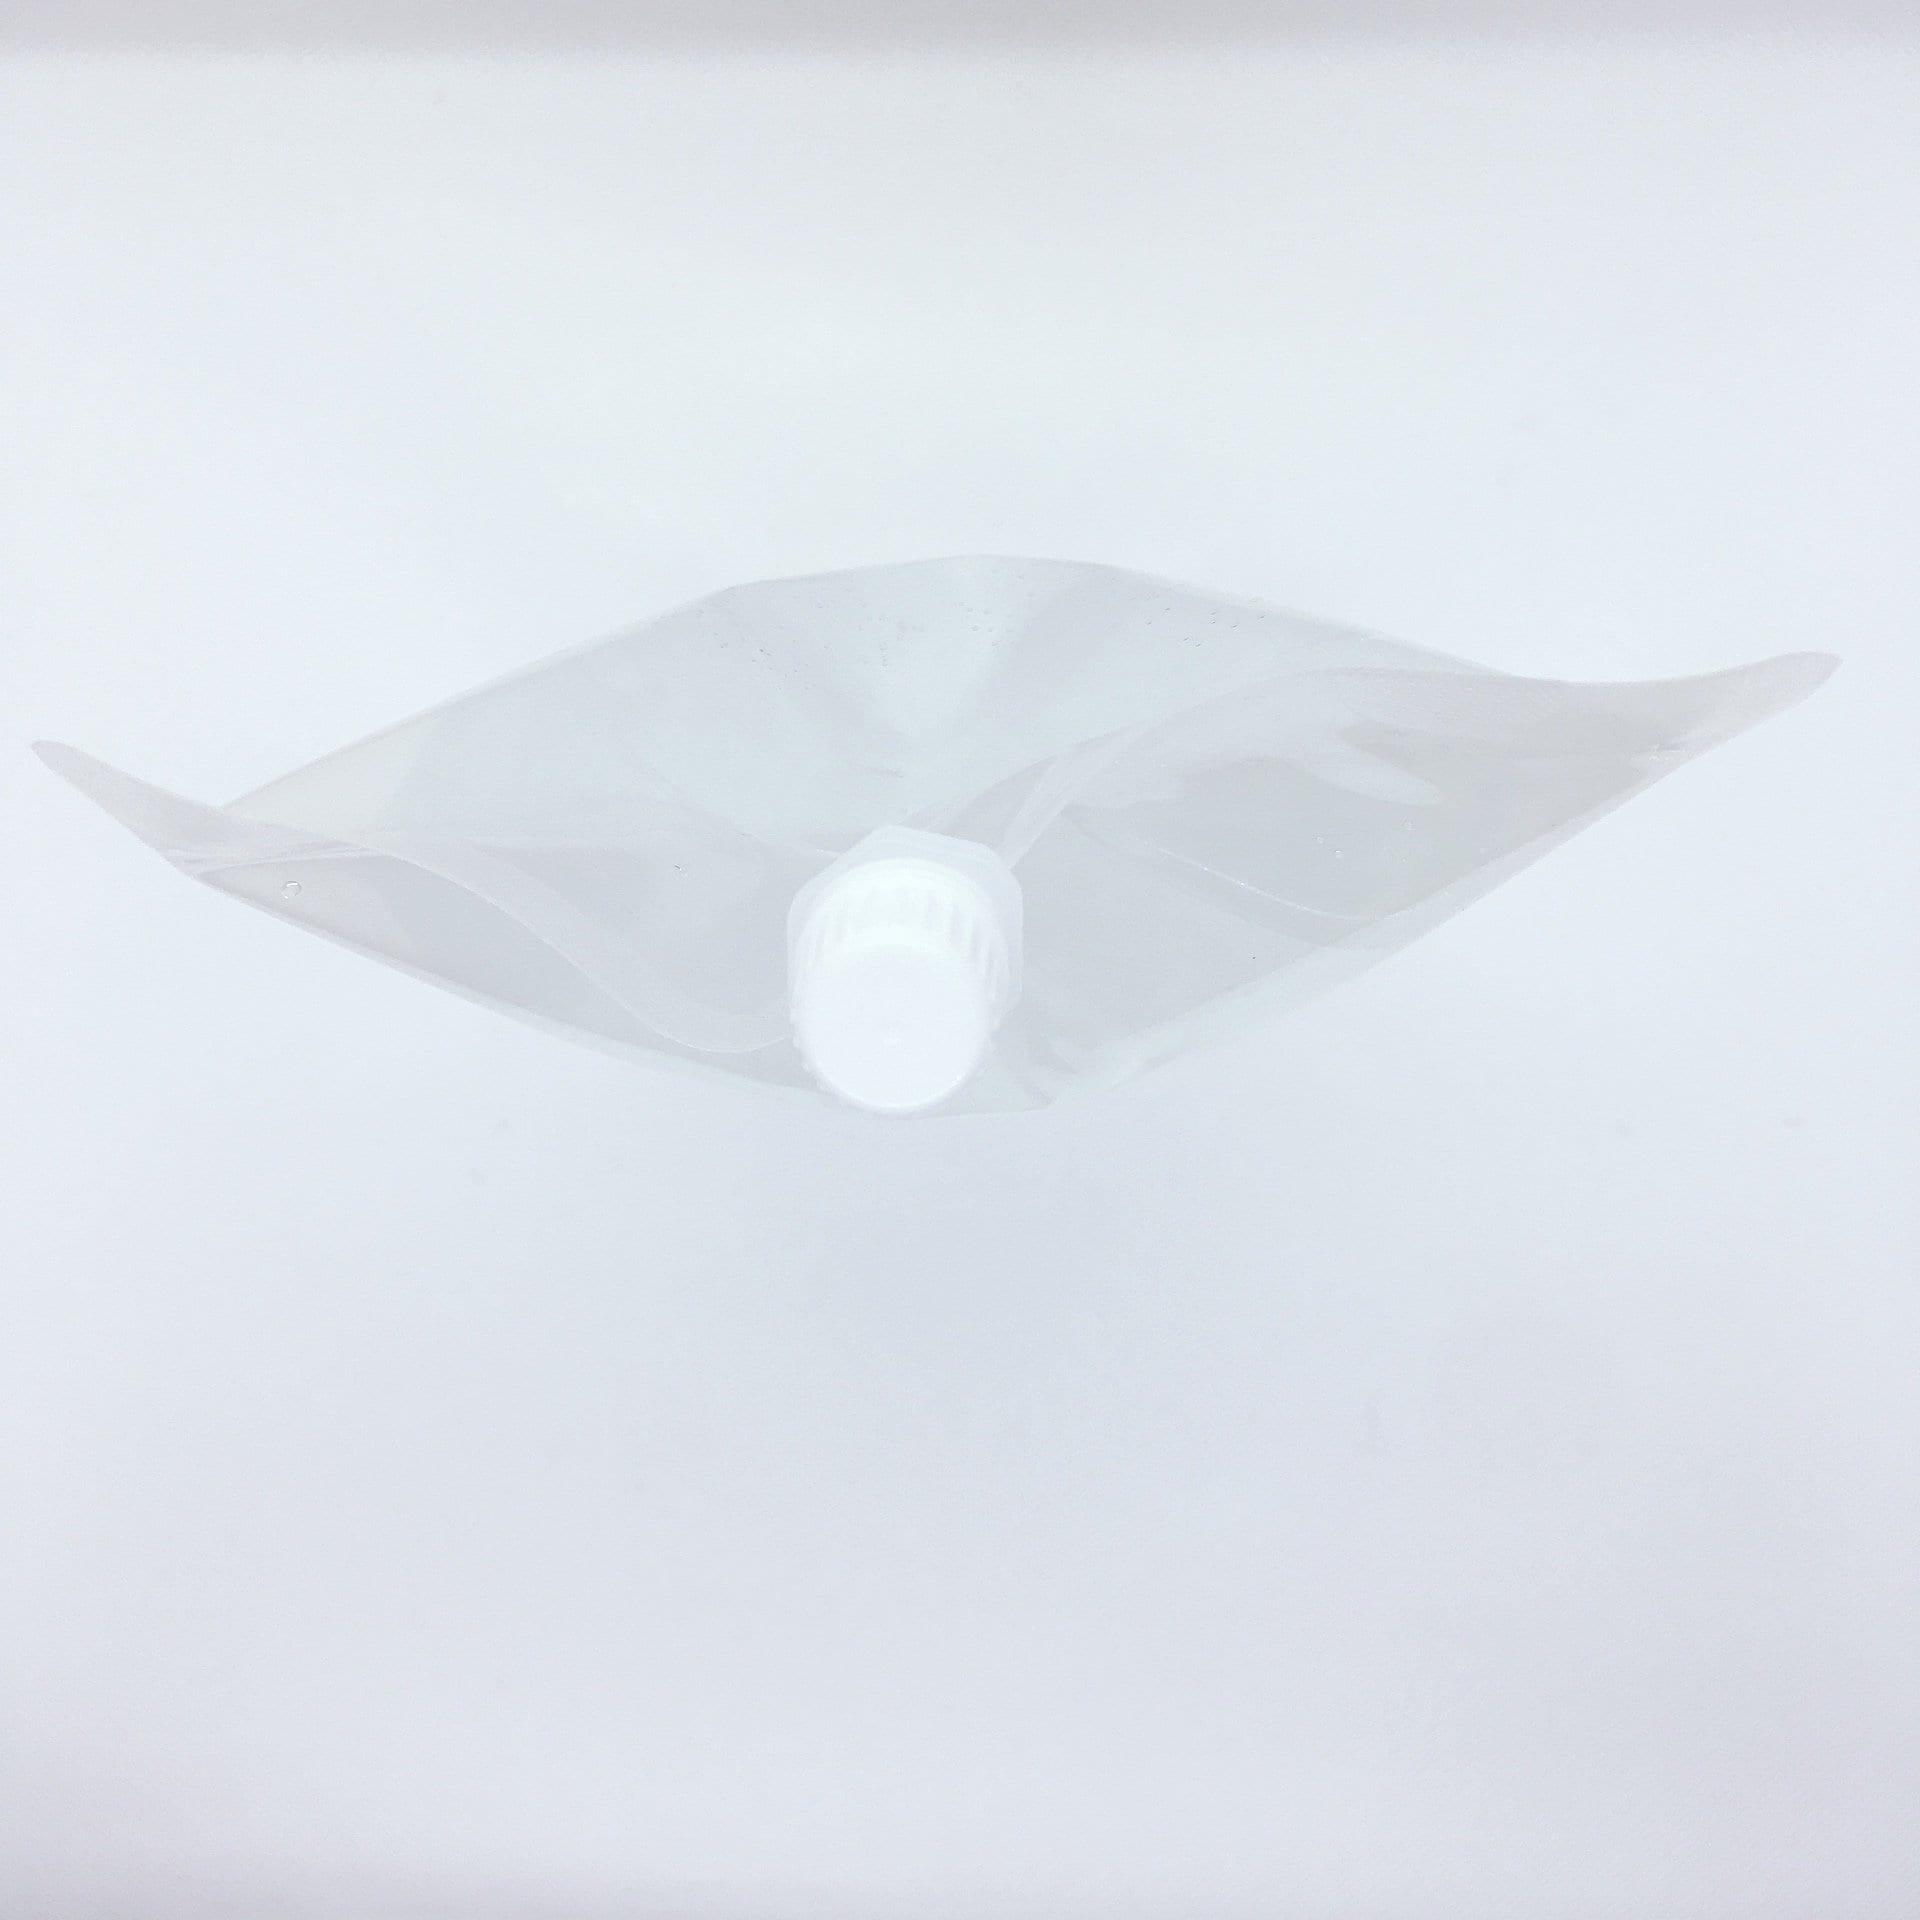 除菌 ガードウォーター 微酸性次亜塩素酸水 除菌消臭剤【安心】【安全】 詰め替え 1000mlのイメージその6